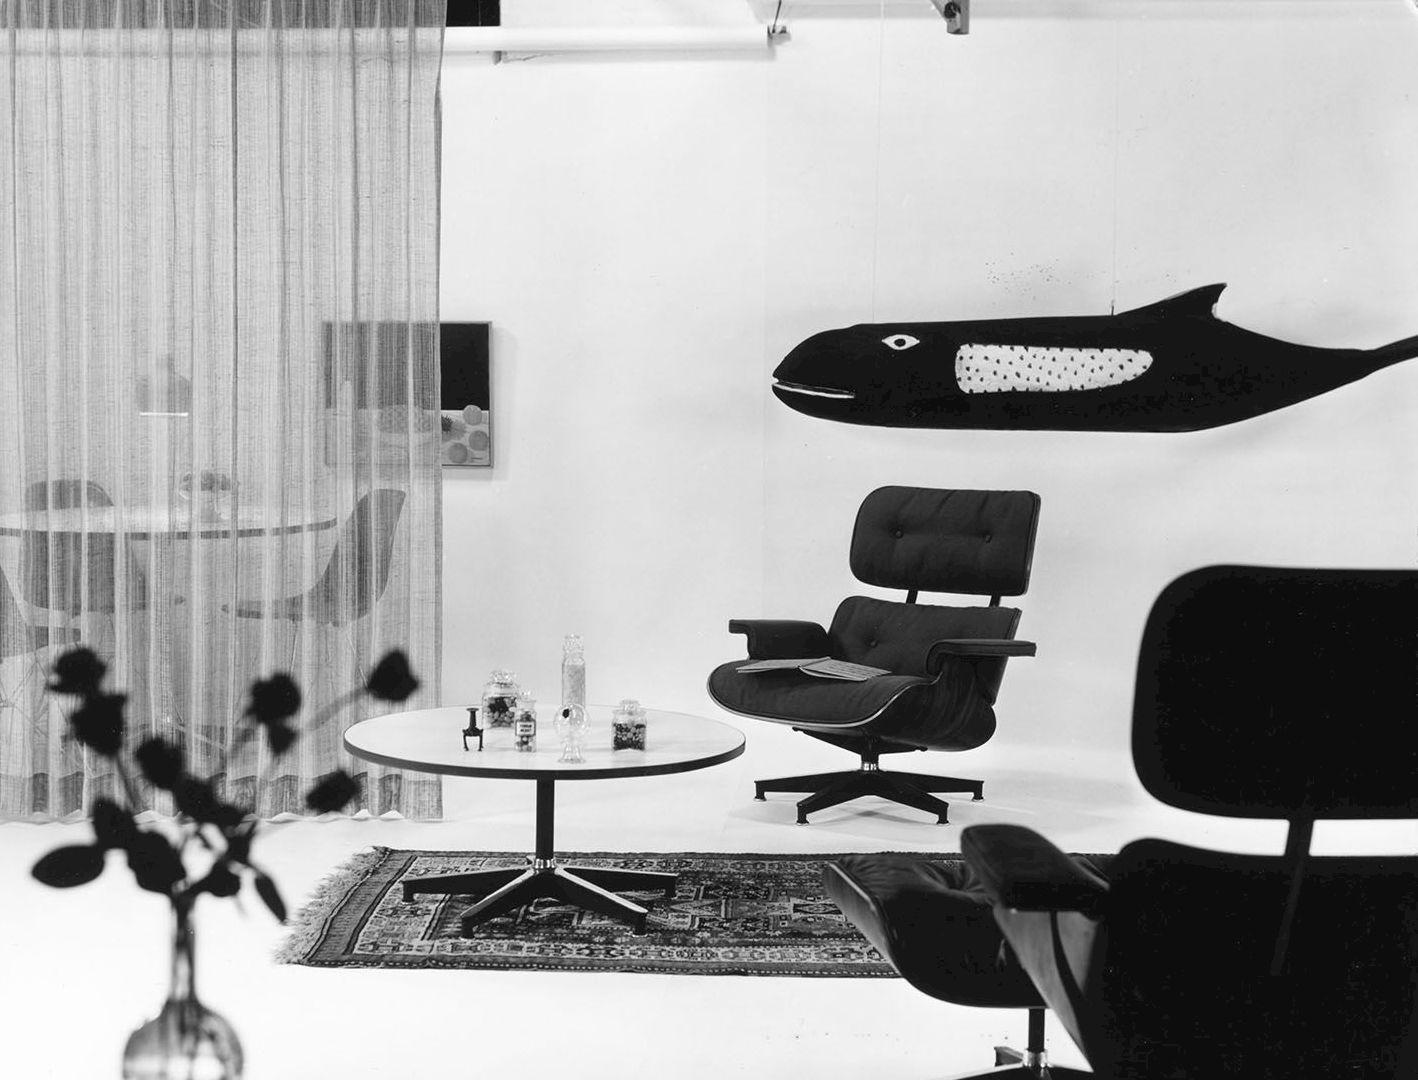 Eames lounge stol dating dungeonland kunne ikke nå matchmaking server